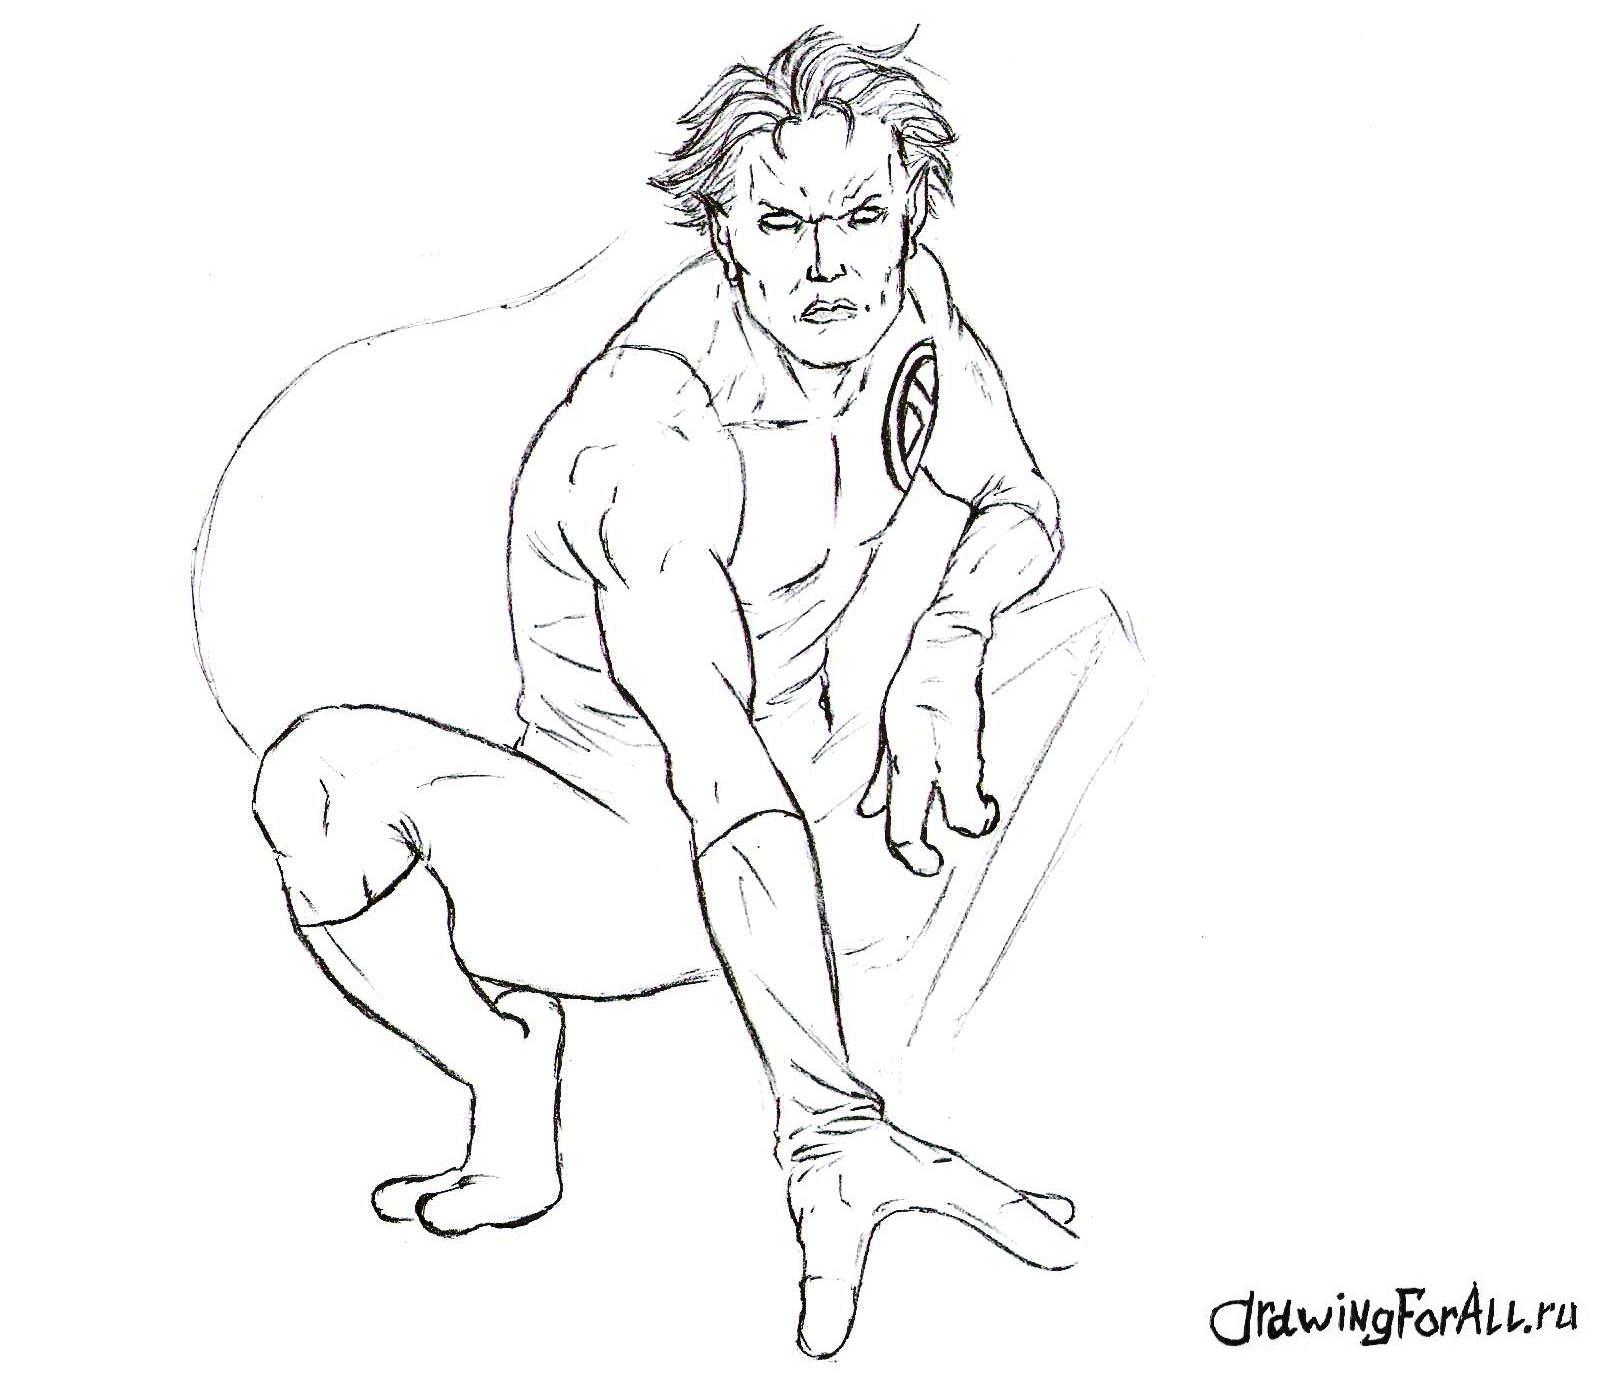 Как нарисовать супергероя из Людей Икс